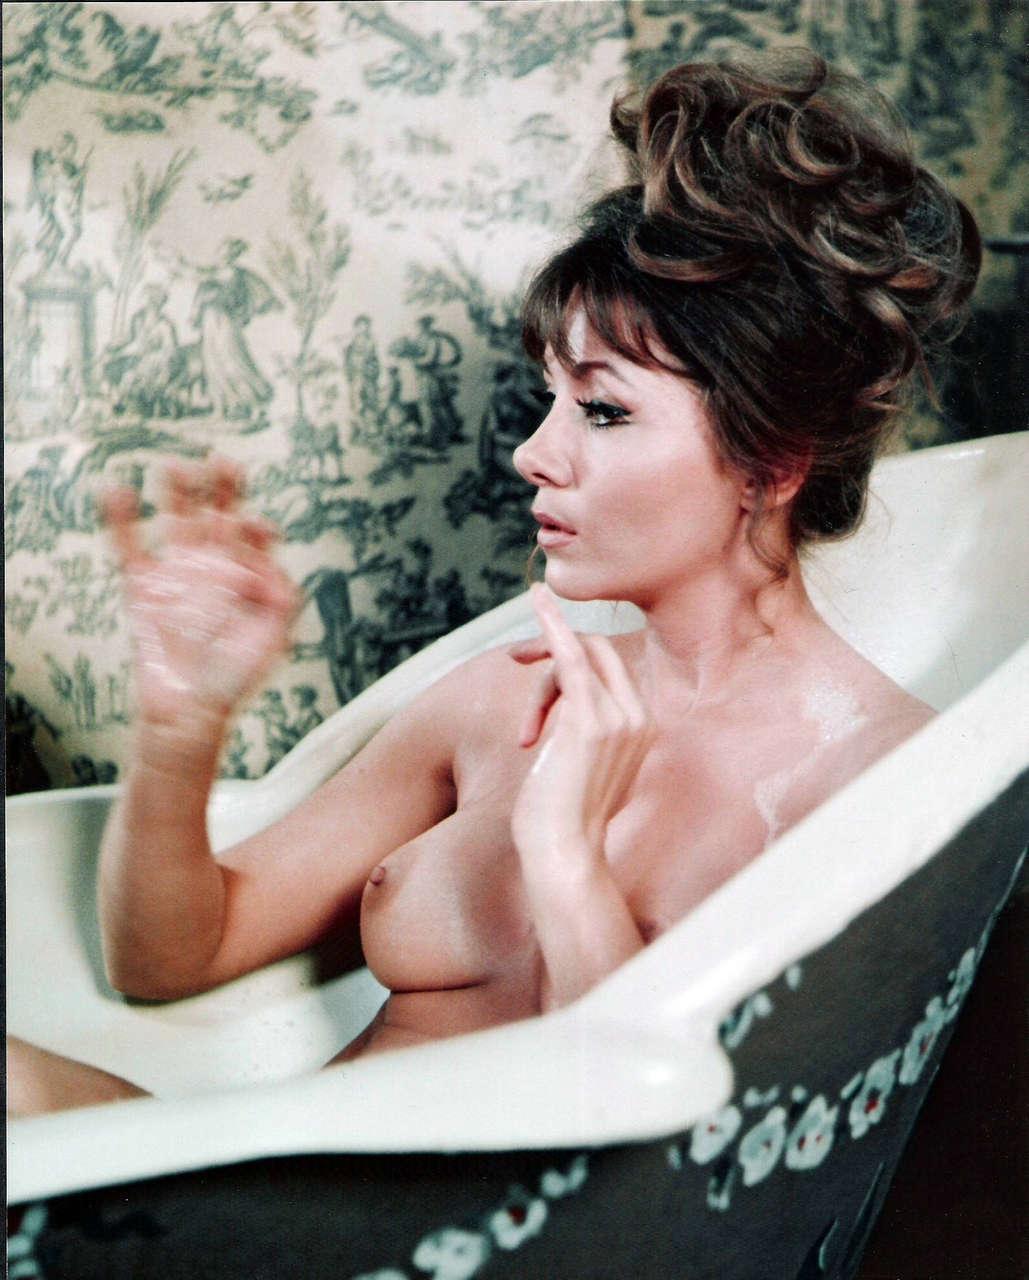 Ingrid Pitt In The Vampire Lovers 1970 NSF